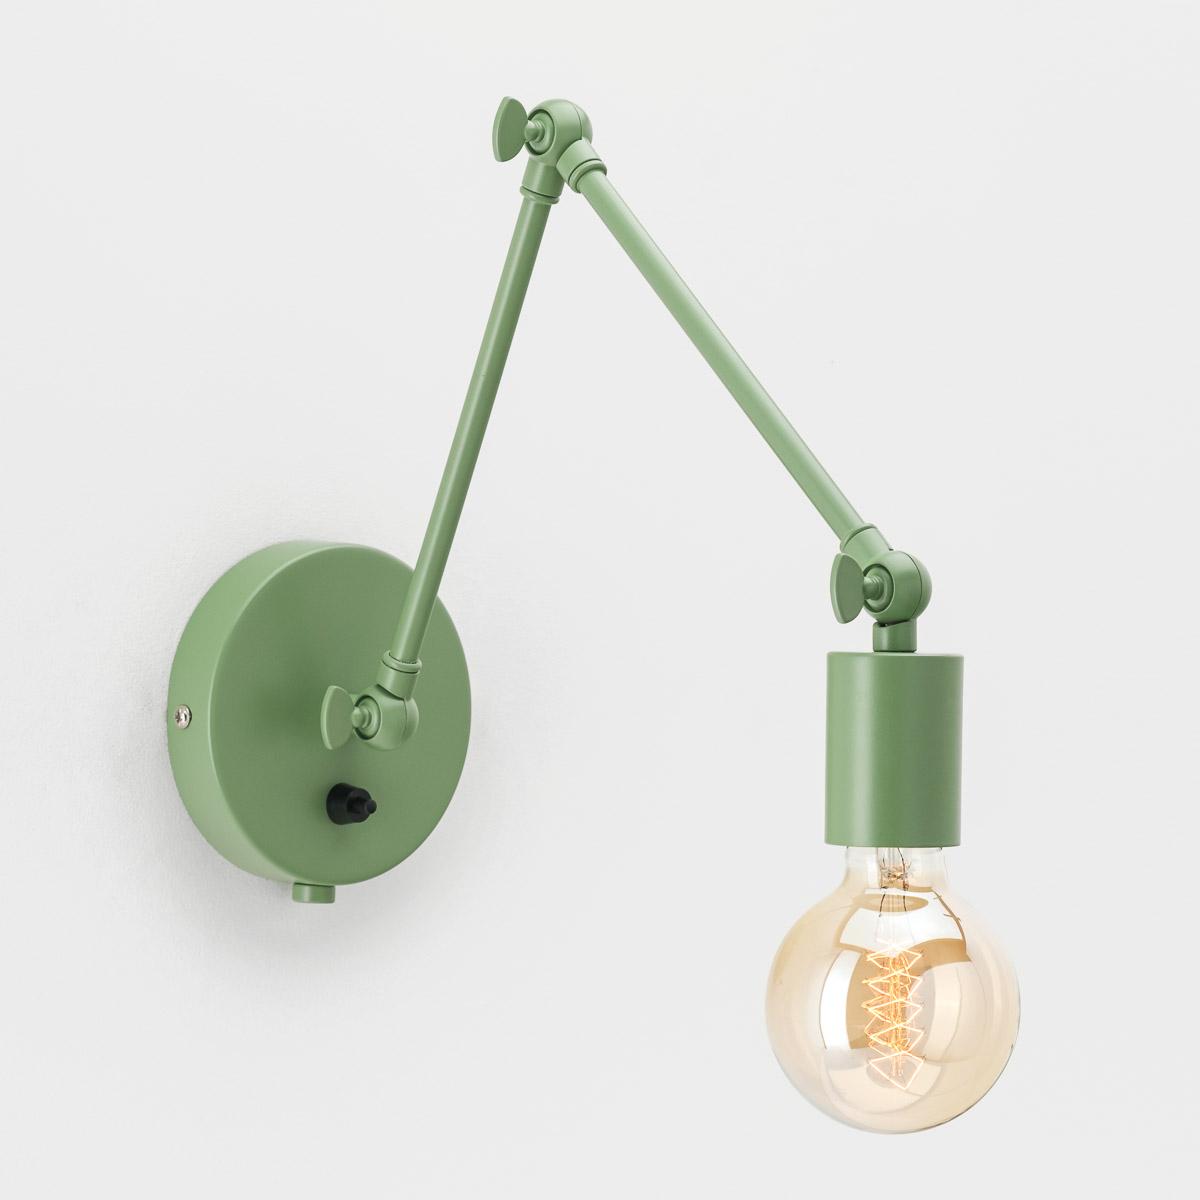 Настенный светильник Edvin зеленый